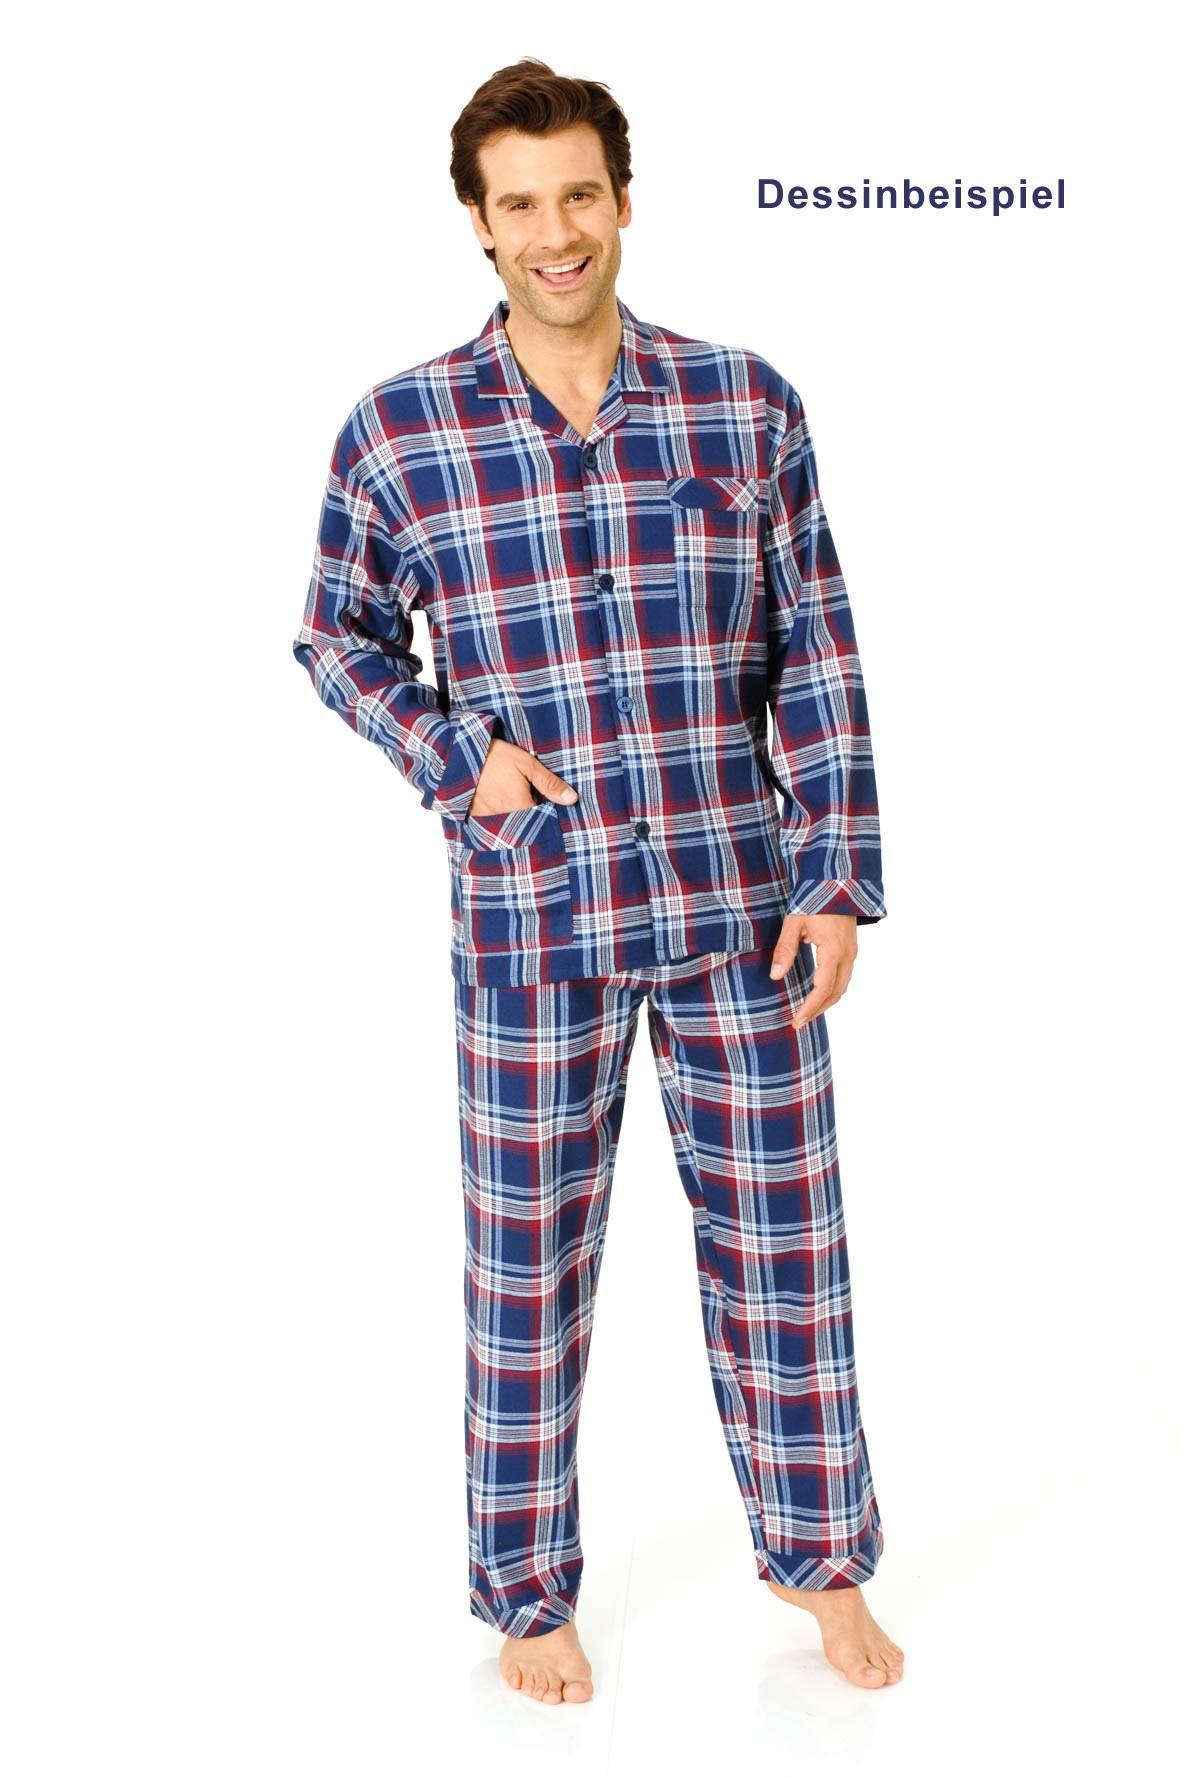 herren flanell pyjama zum durchkn pfen in bergr ssen 2erpack bis gr sse 66. Black Bedroom Furniture Sets. Home Design Ideas